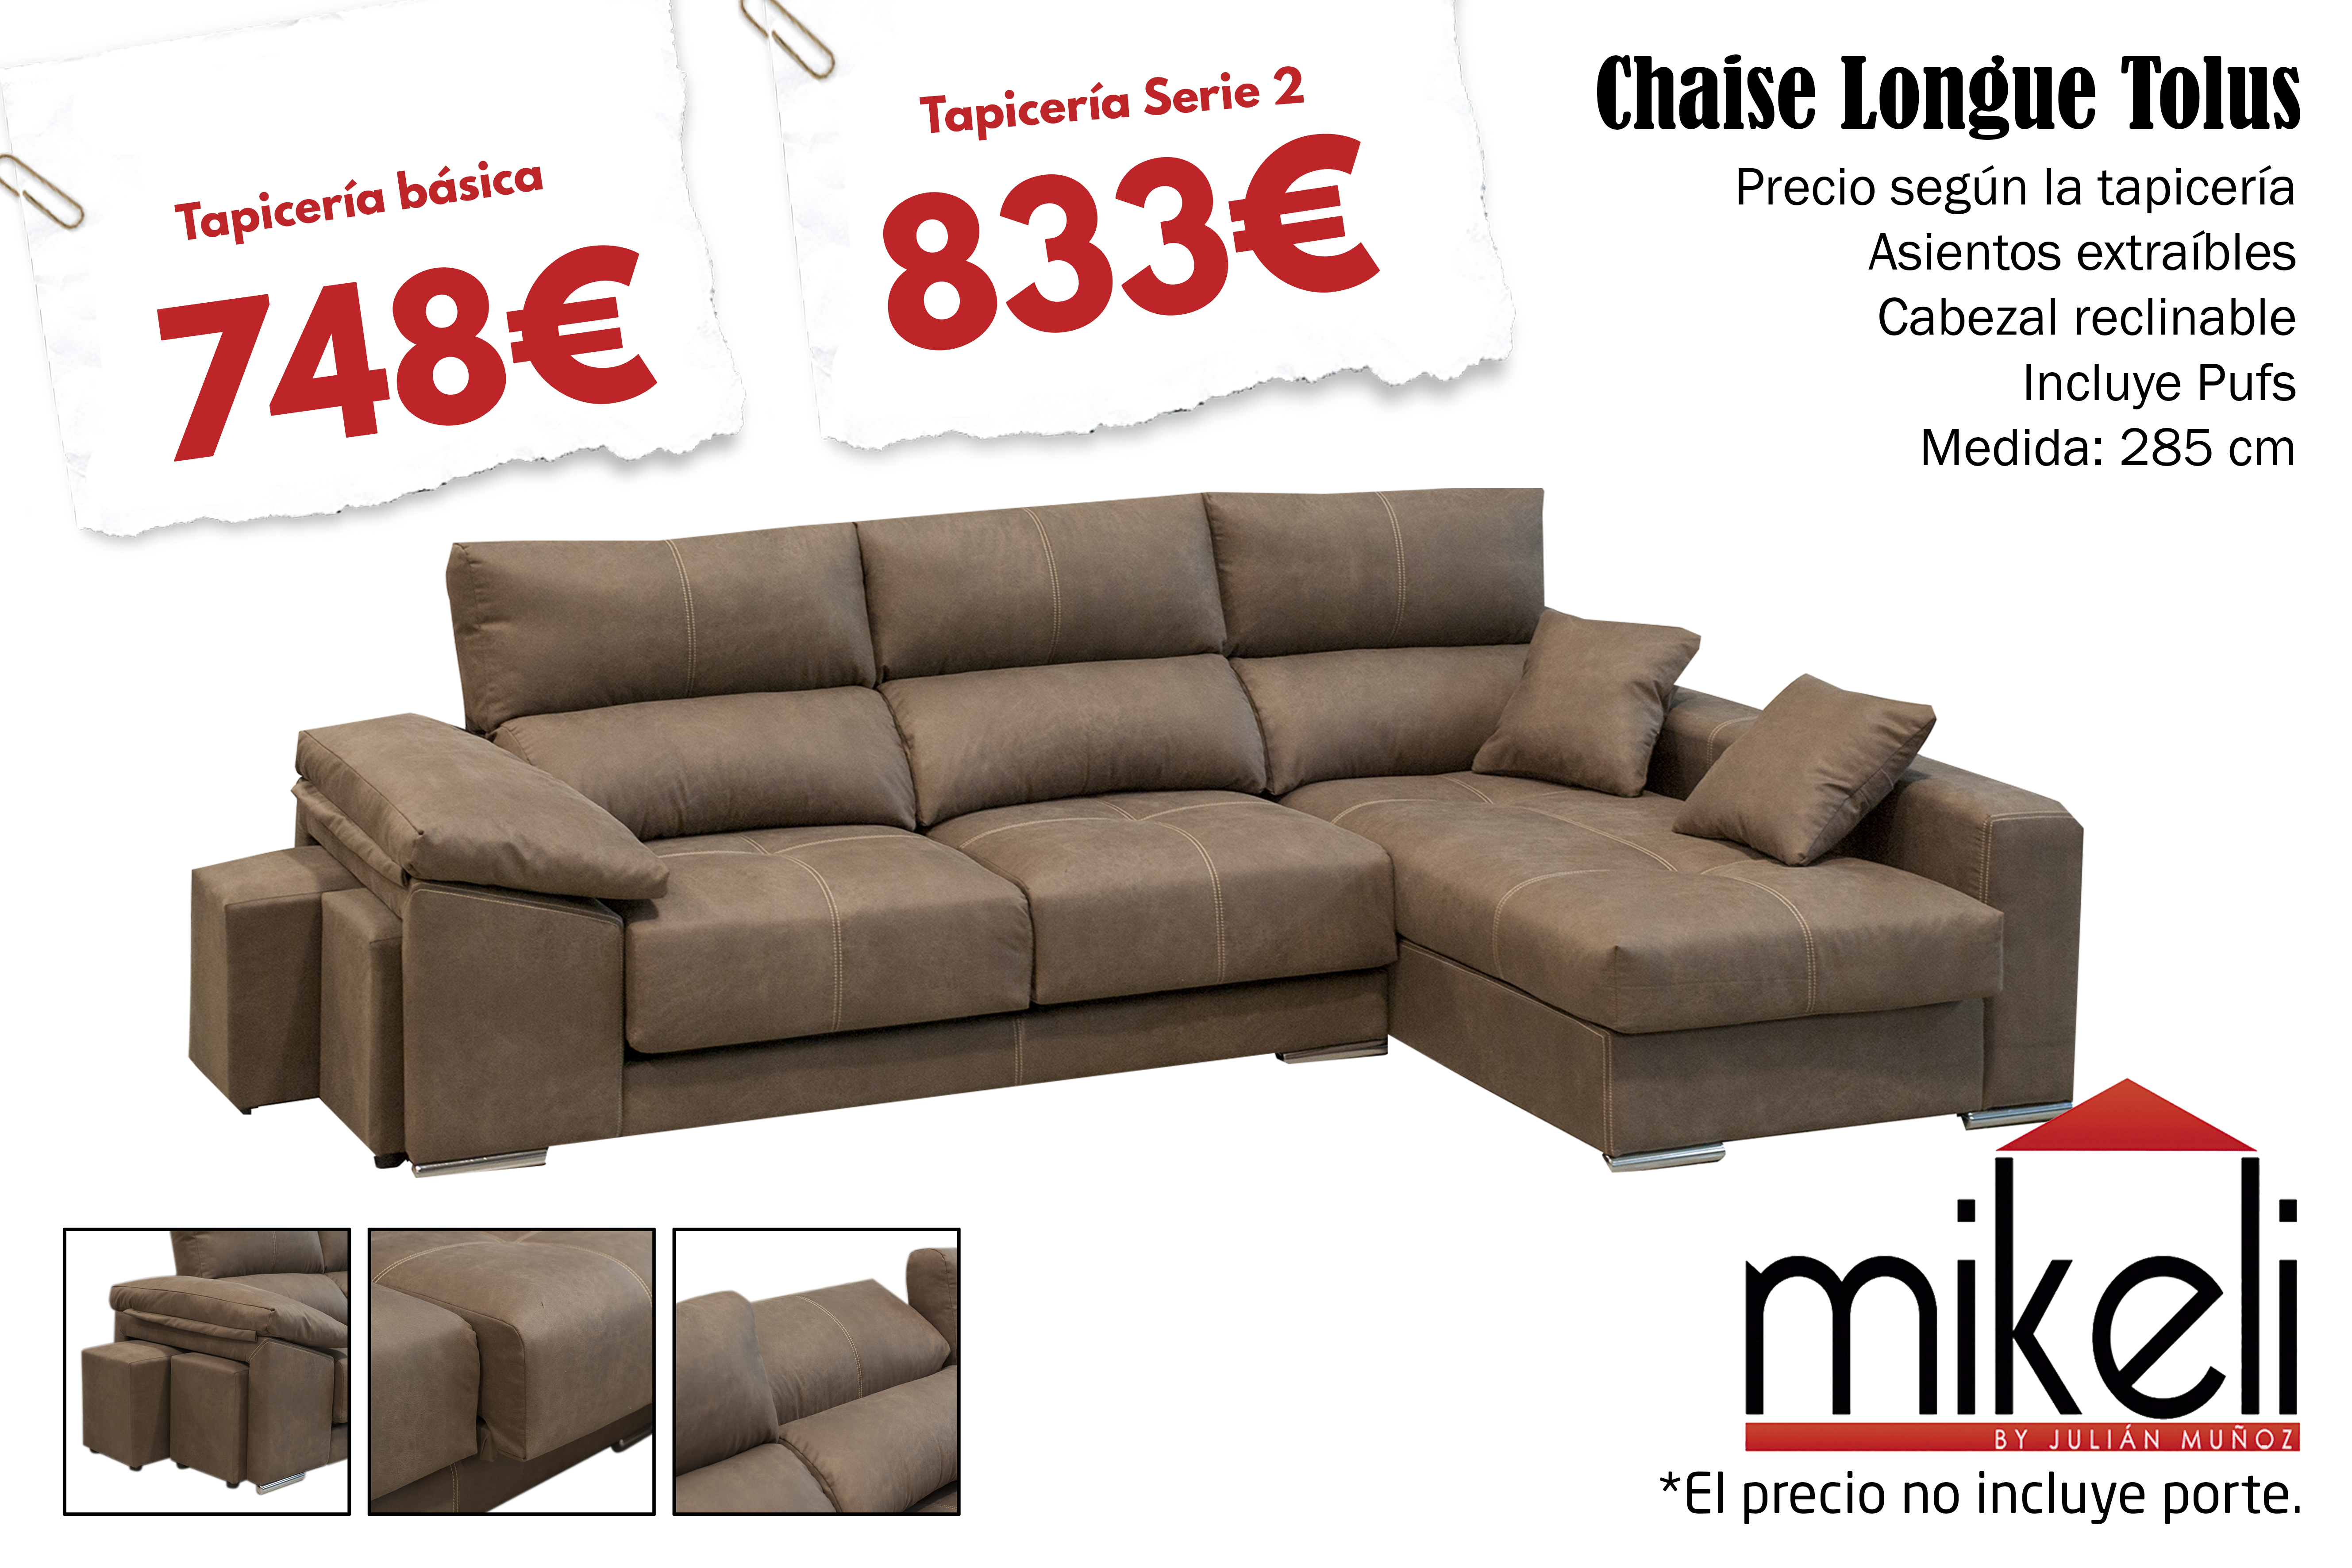 Sofa Tolus Mikeli Tu Tienda De Muebles A Precios Incre Bles En  # Muebles A Medida Ceuta